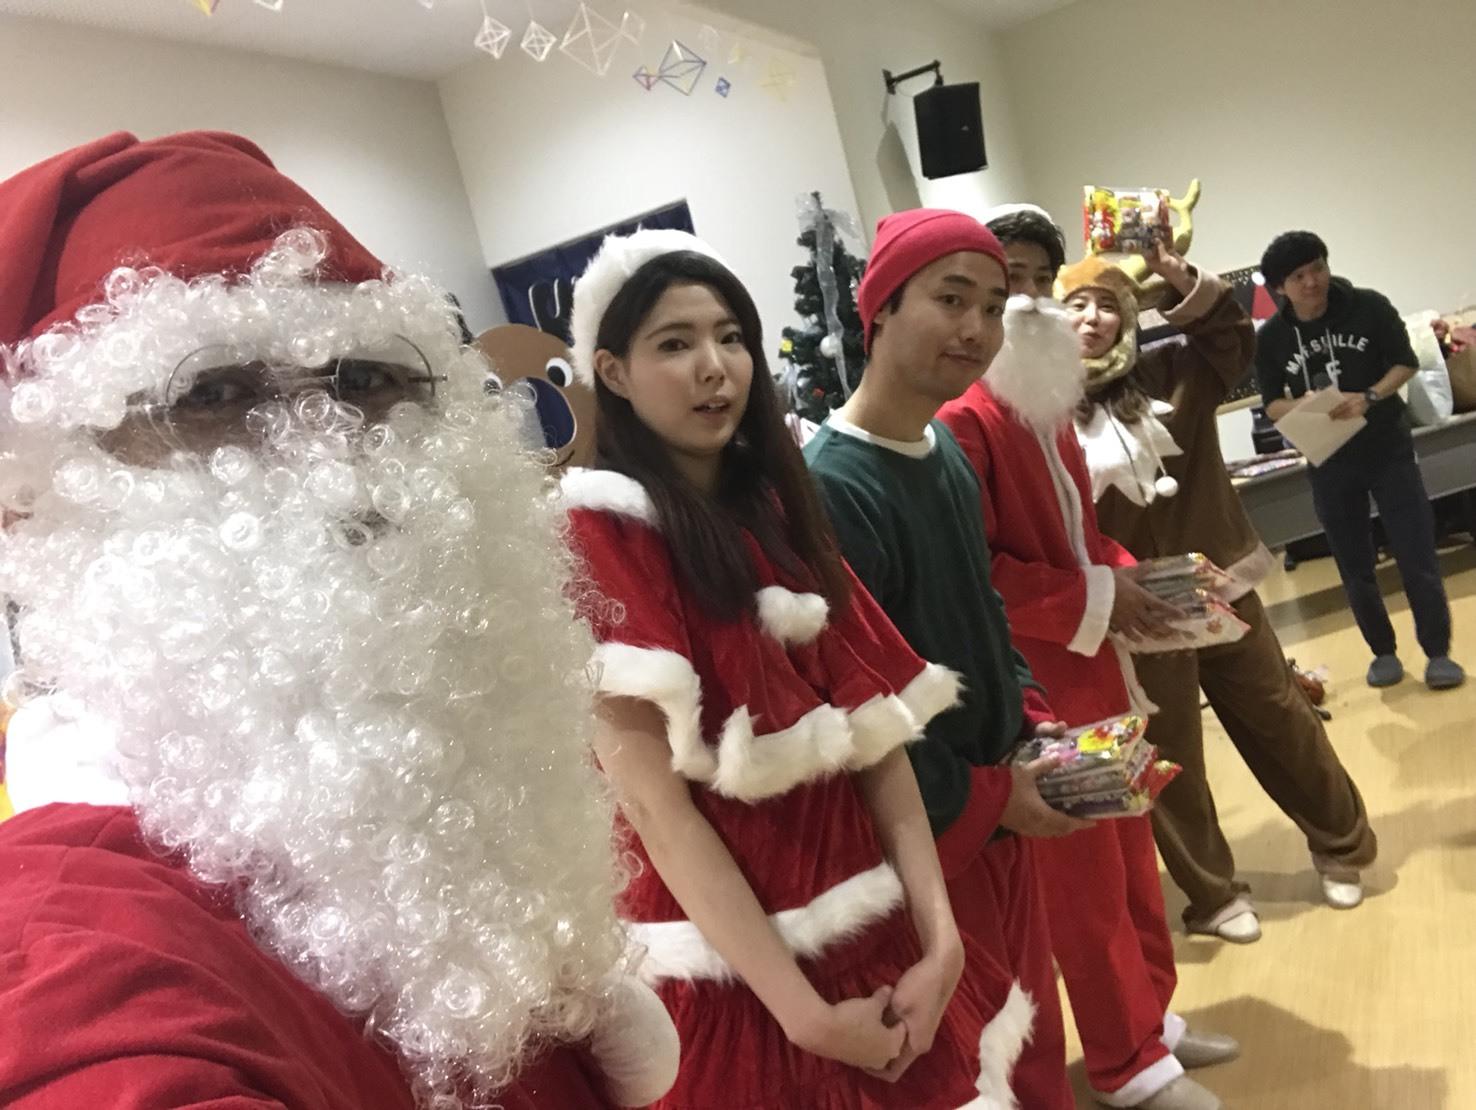 12月27日(水)トミーベース カスタムブログ☆LS600撮影開始!!サンタは大忙し!_b0127002_22595817.jpg